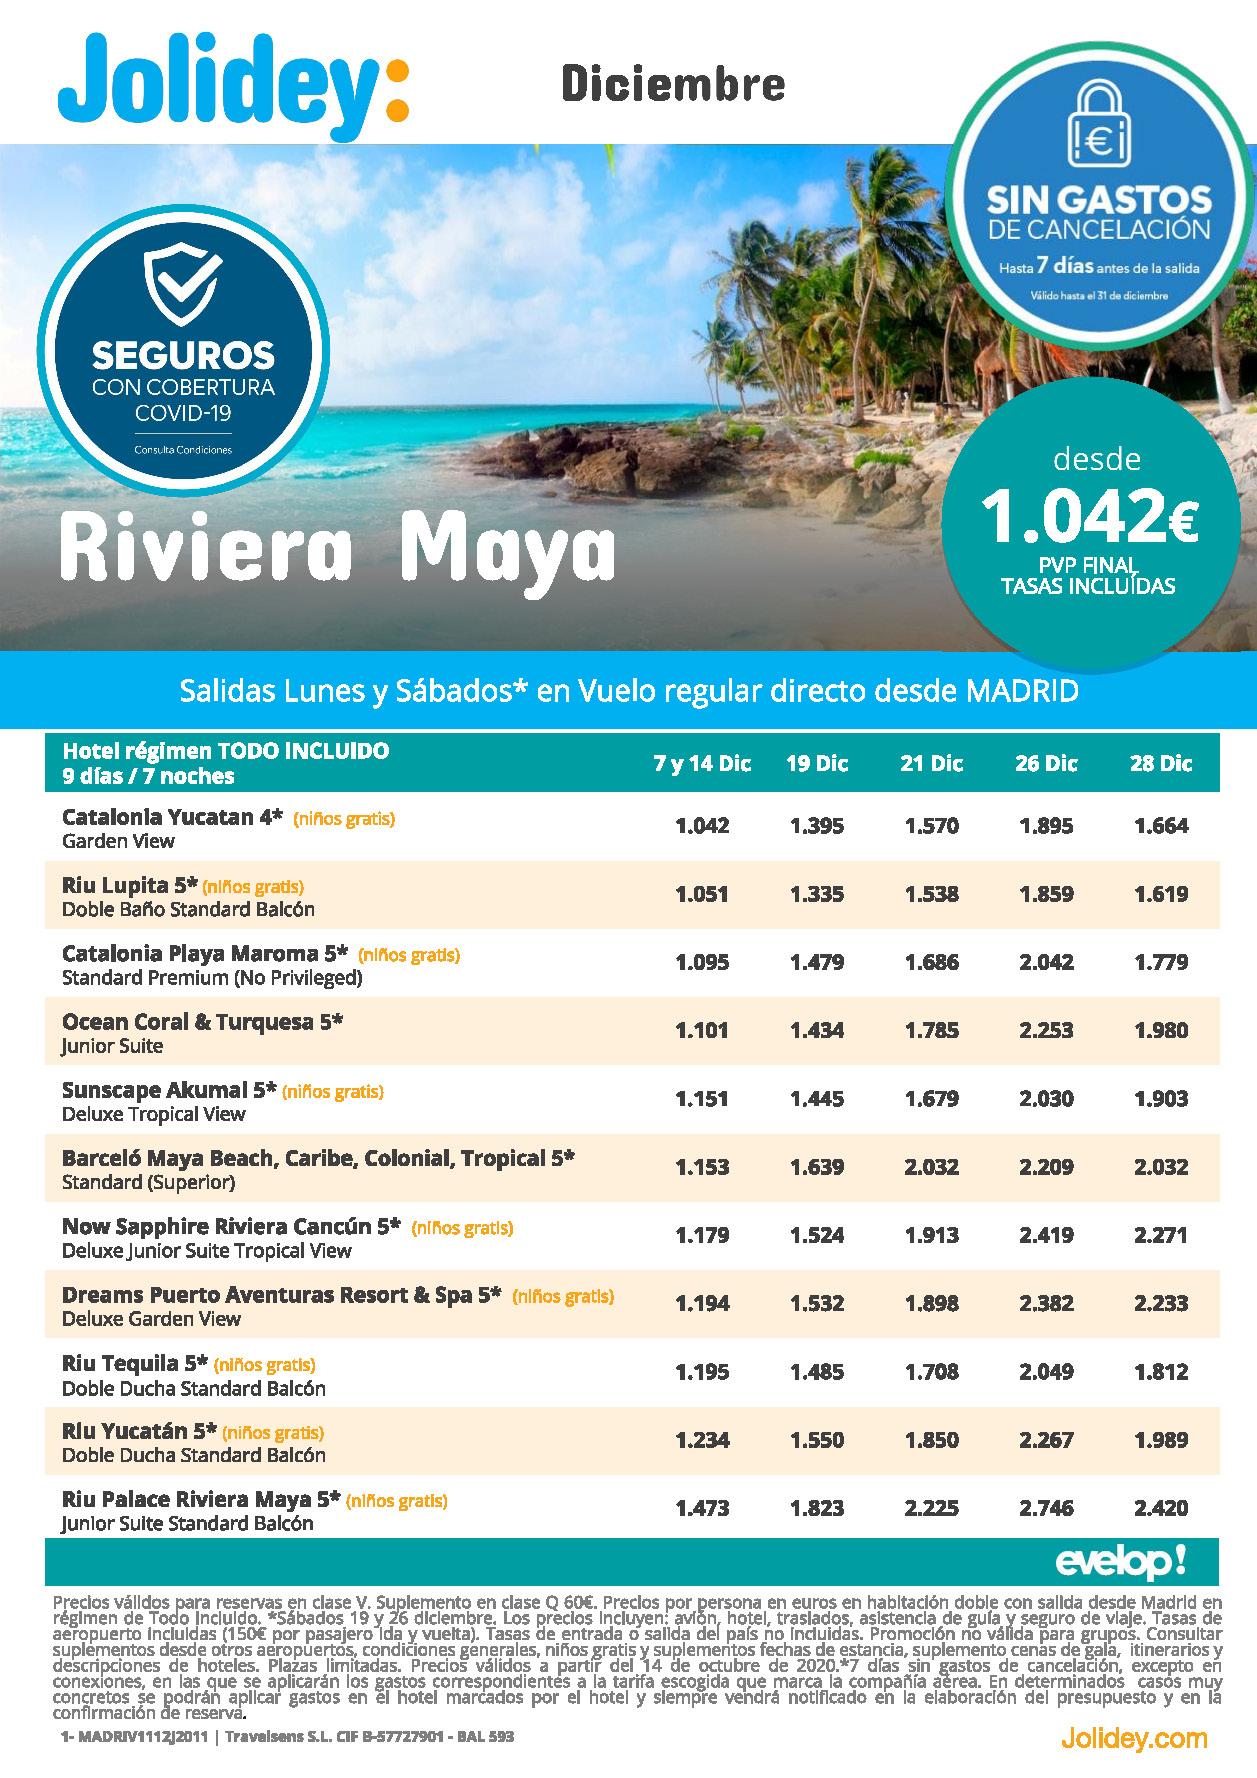 Ofertas Jolidey Riviera Maya Mexico Diciembre 2020 salidas vuelo directo desde Madrid